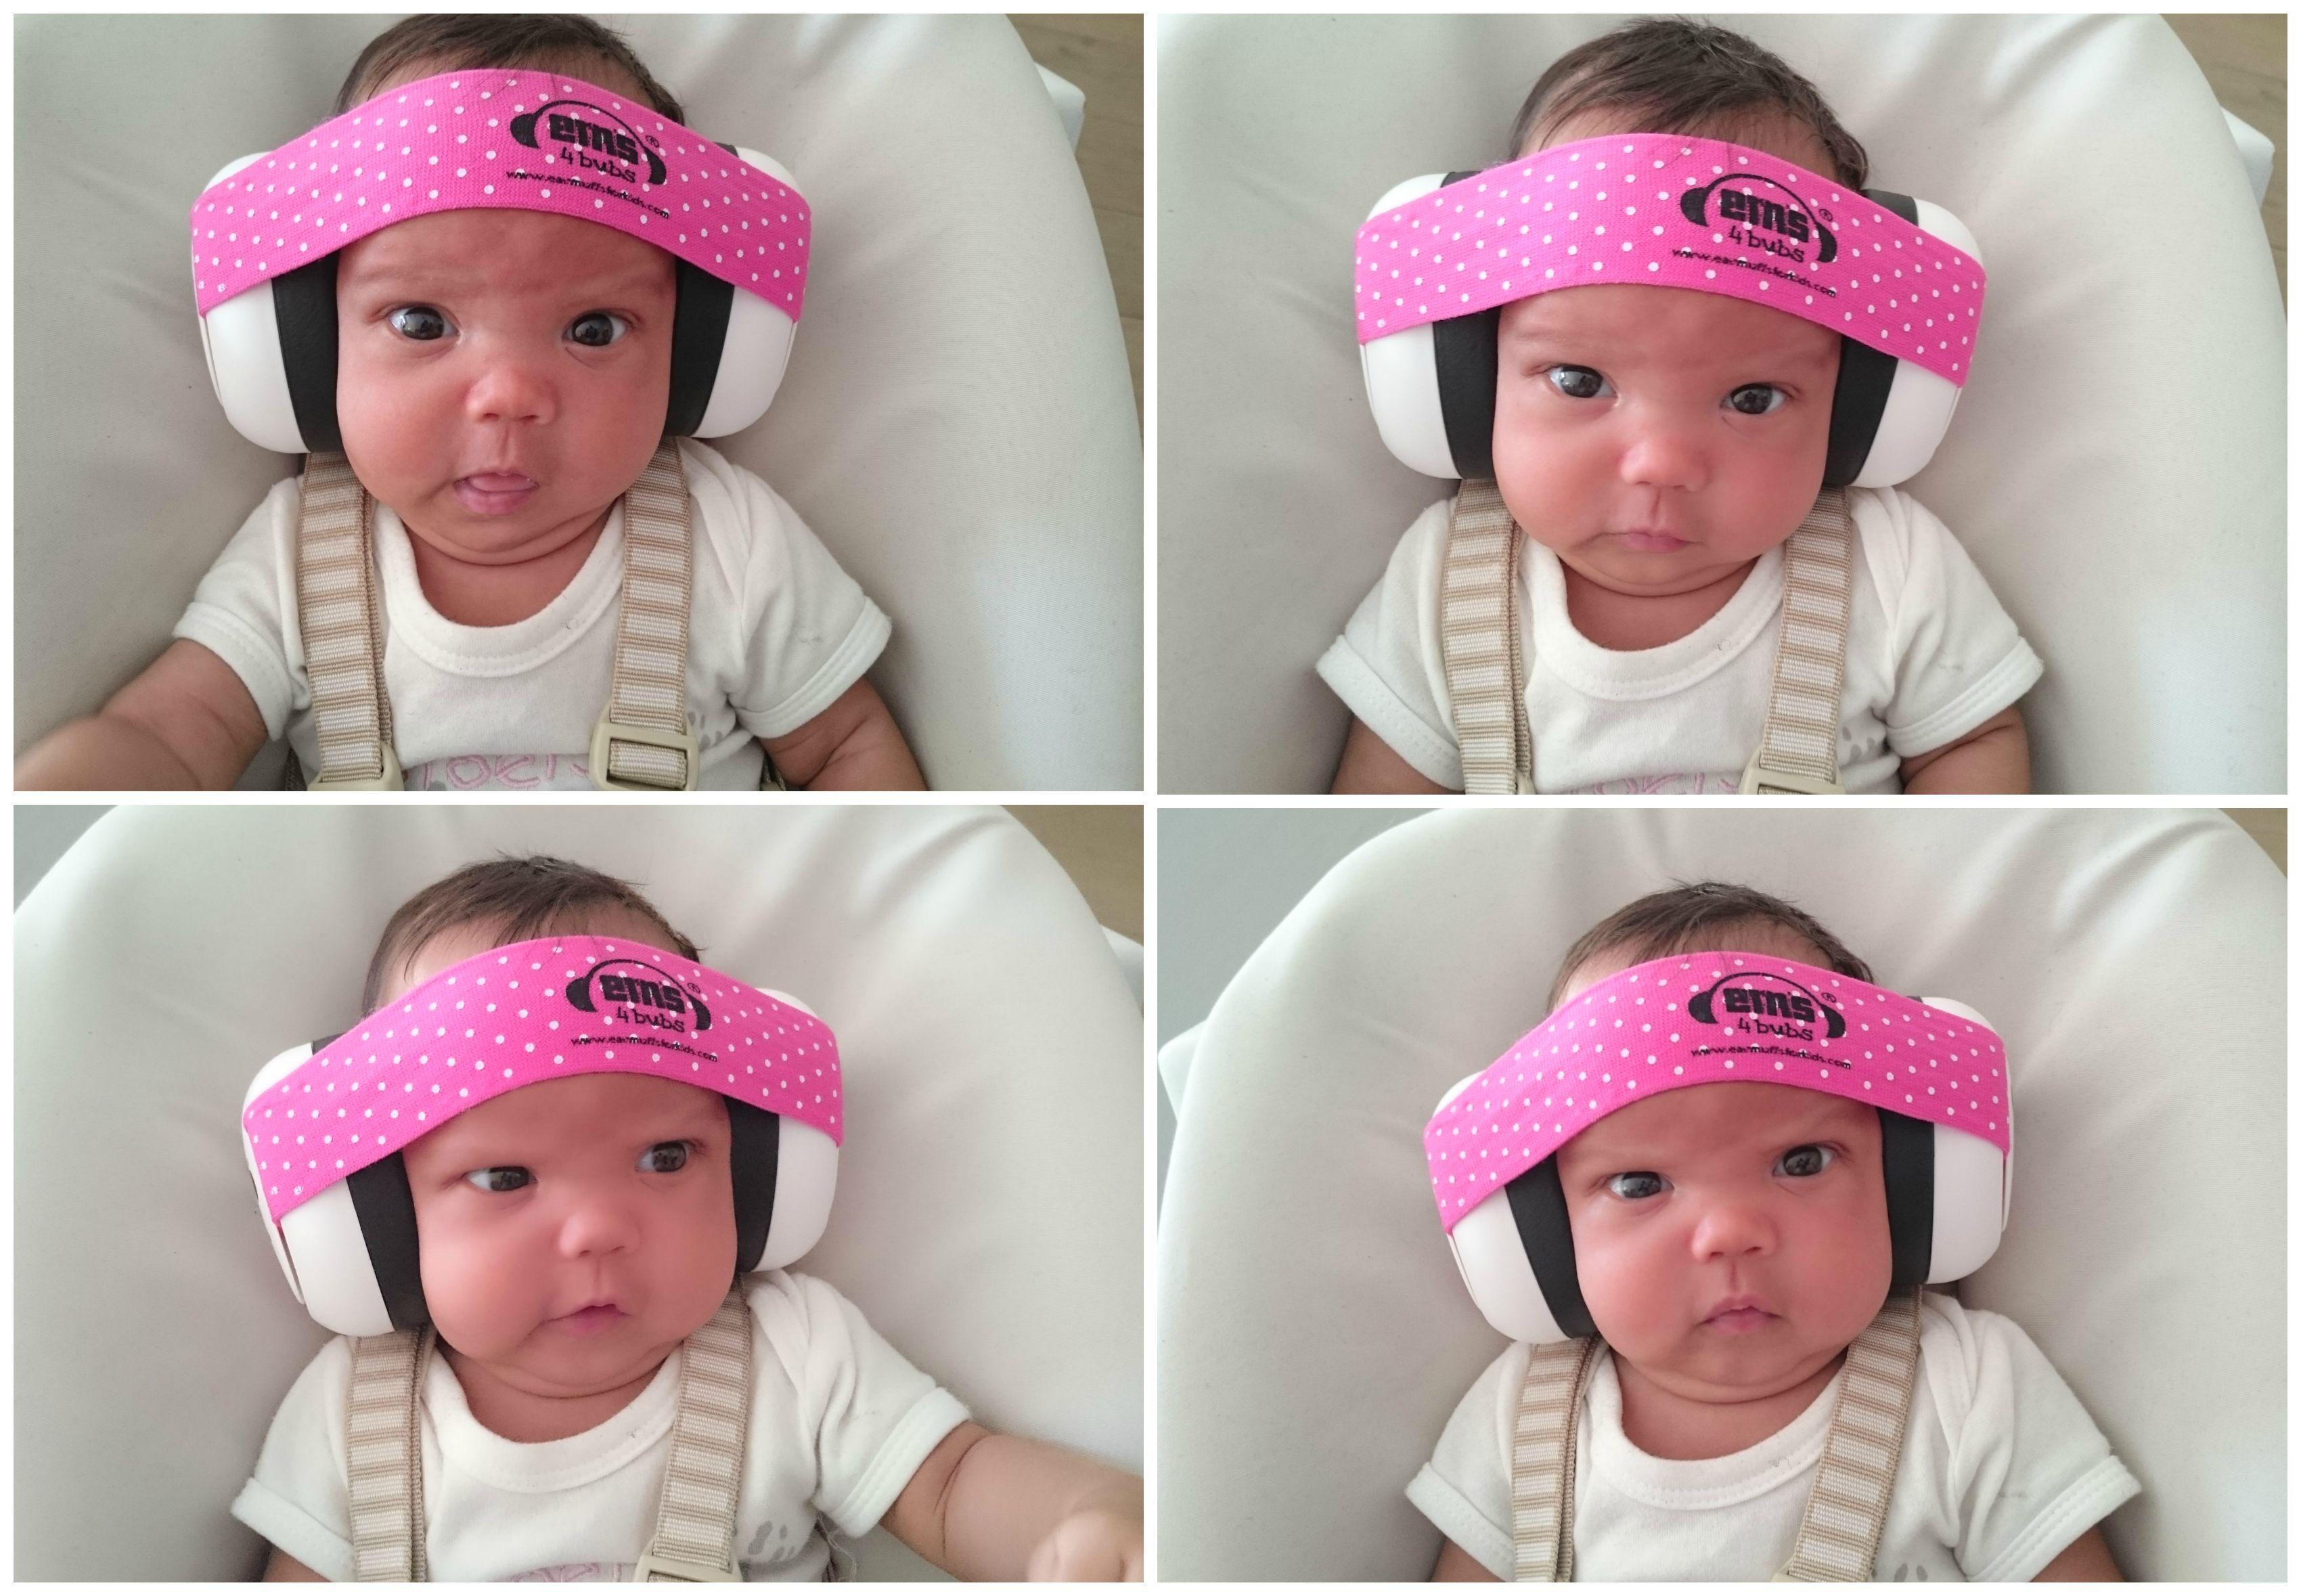 Ems4Bubs earmuffs-Gehoorbescherming voor babys-kinderen en gehoorbescherming-GoodGirlsCompany